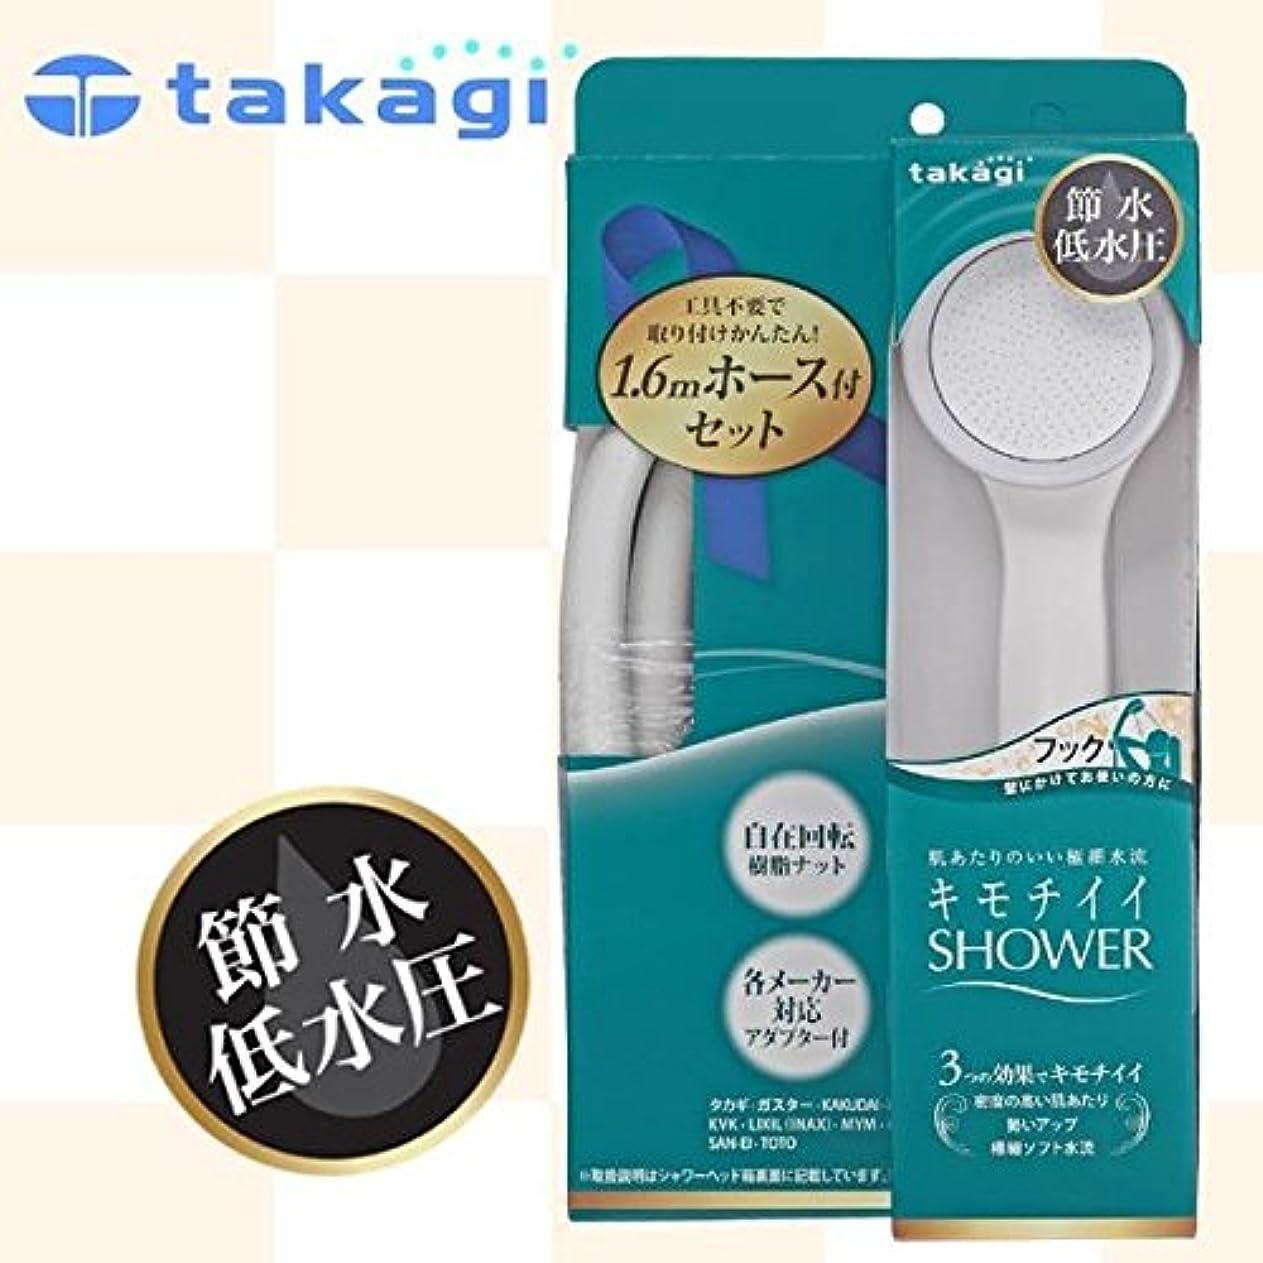 むき出し名誉ある腹takagi タカギ 浴室用シャワーヘッド キモチイイシャワーホースセットWT フックタイプ【同梱?代引不可】